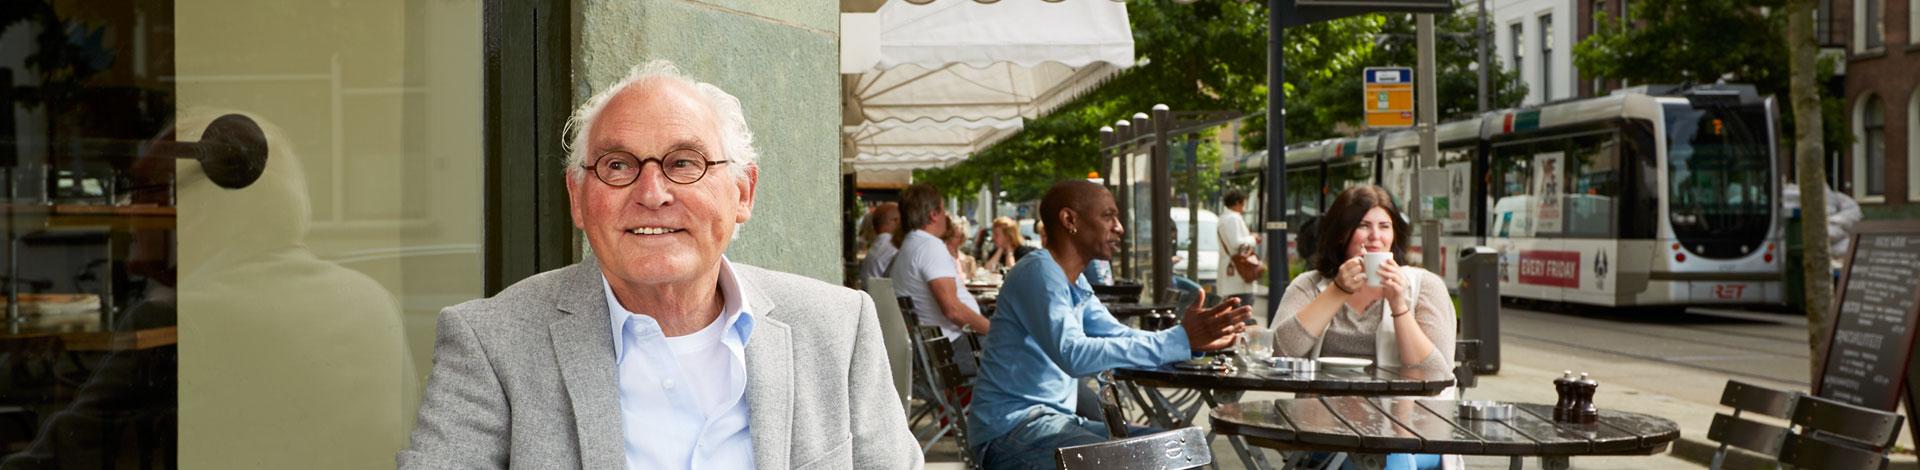 Het Vrij Reizen abonnement is geldig in de regio Rotterdam in bus, tram en metro van de RET.